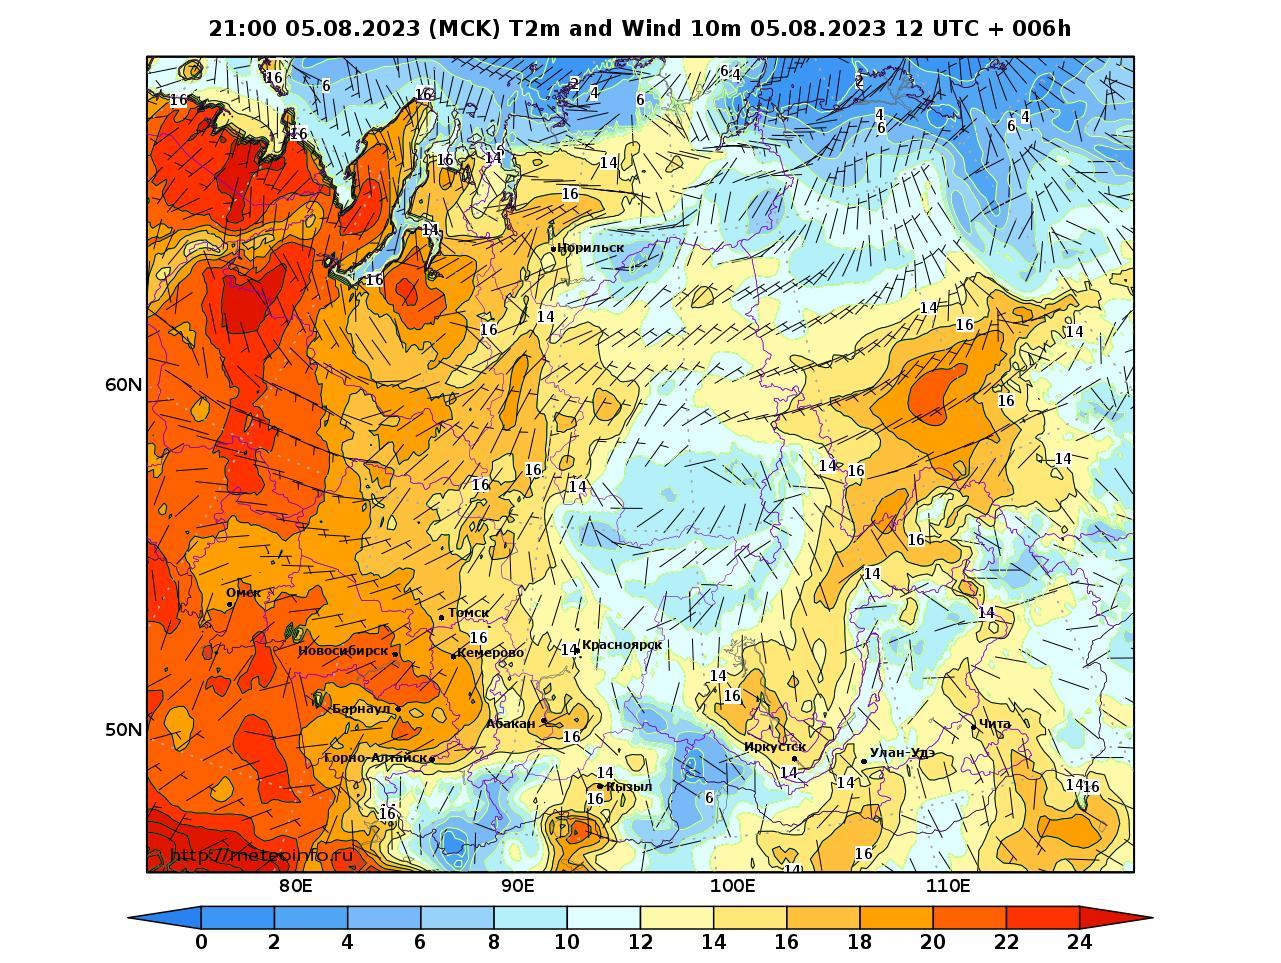 Сибирский Федеральный округ, прогностическая карта приземная температура, заблаговременность прогноза 6 часов